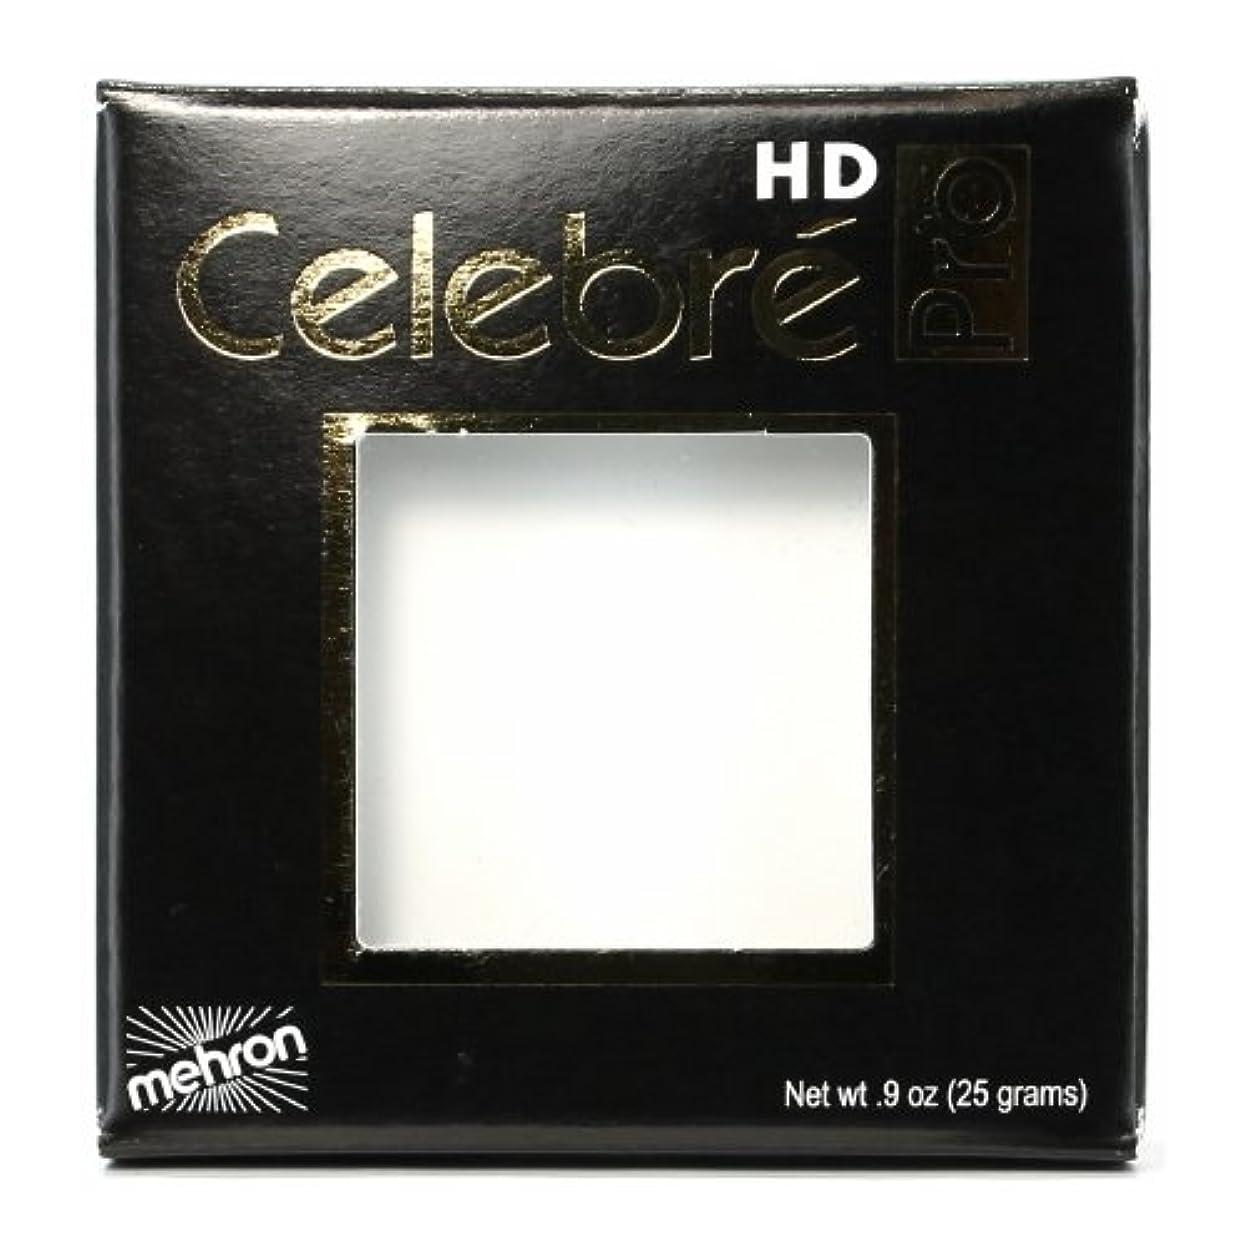 雄弁家破壊する回転する(3 Pack) mehron Celebre Pro HD Make-Up - White (並行輸入品)